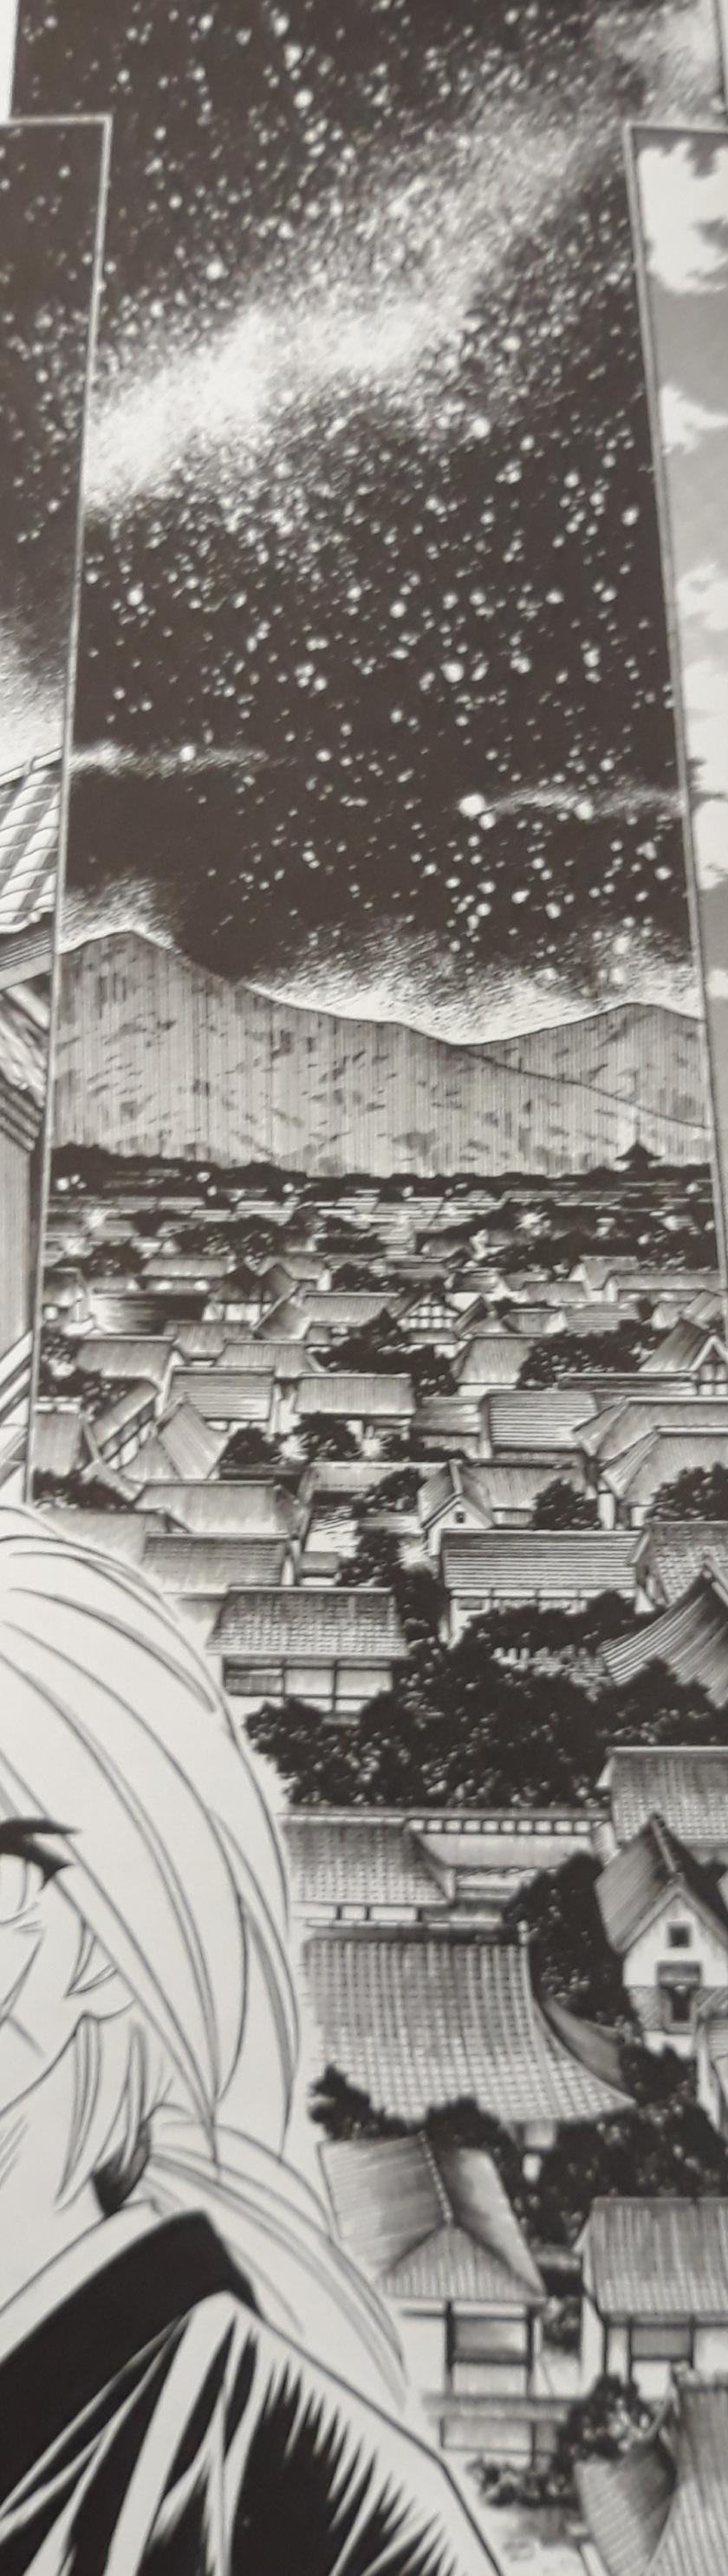 Rurouni Kenshin ch105